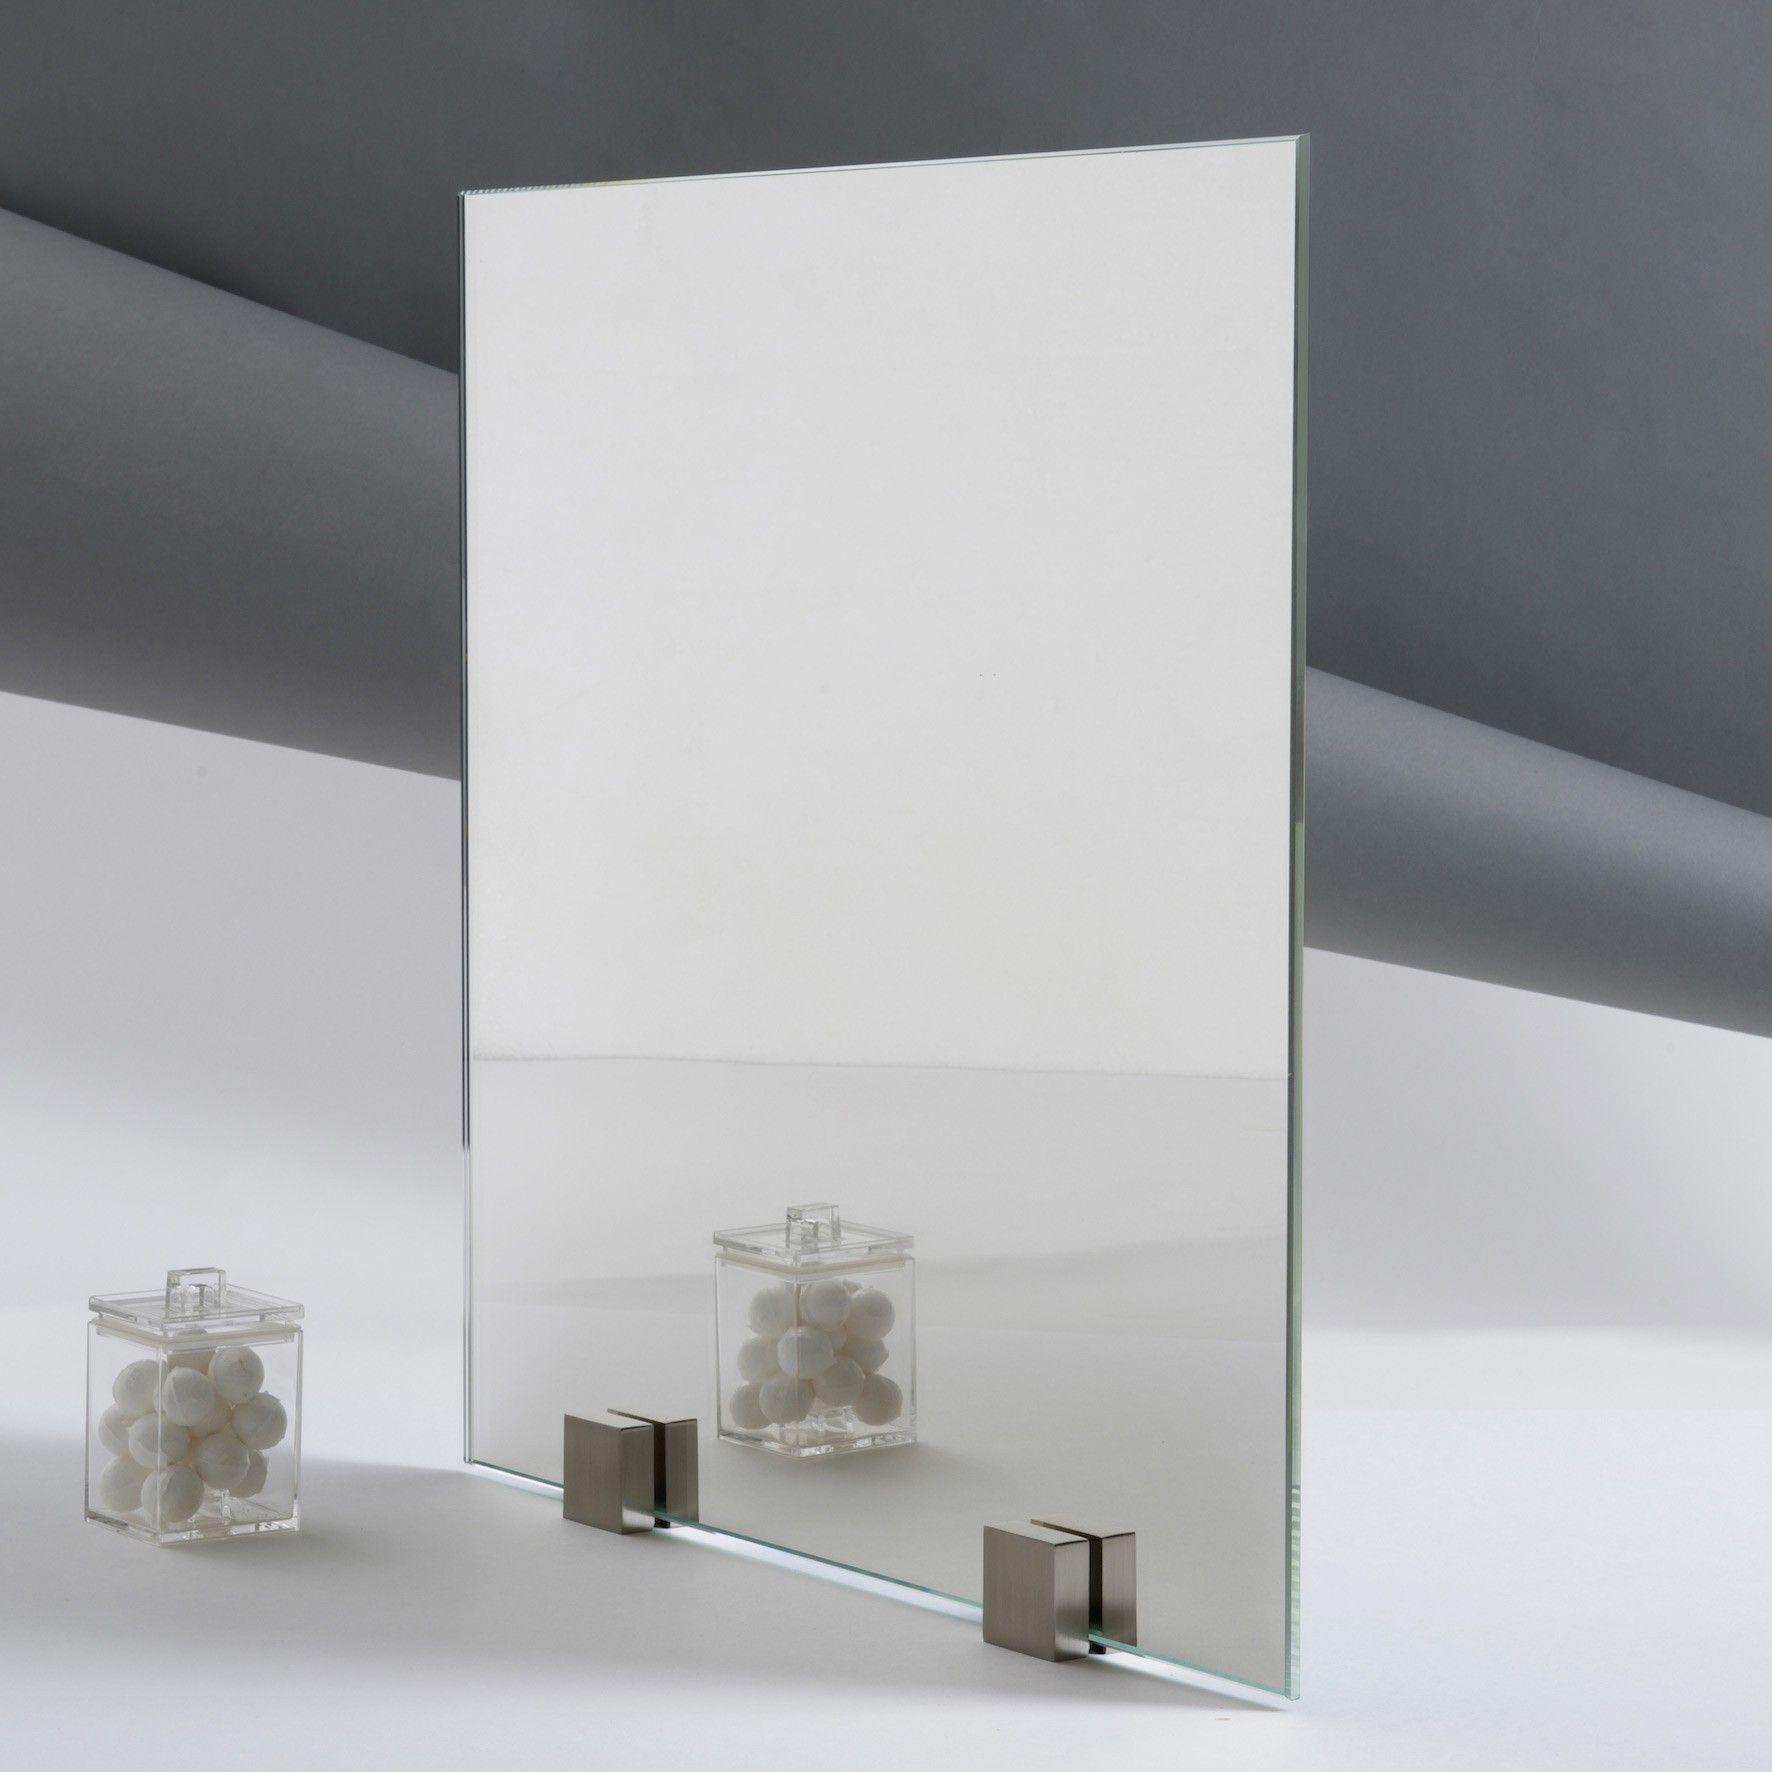 Miroir vieilli paisseur 4 mm for Verre miroir sans tain